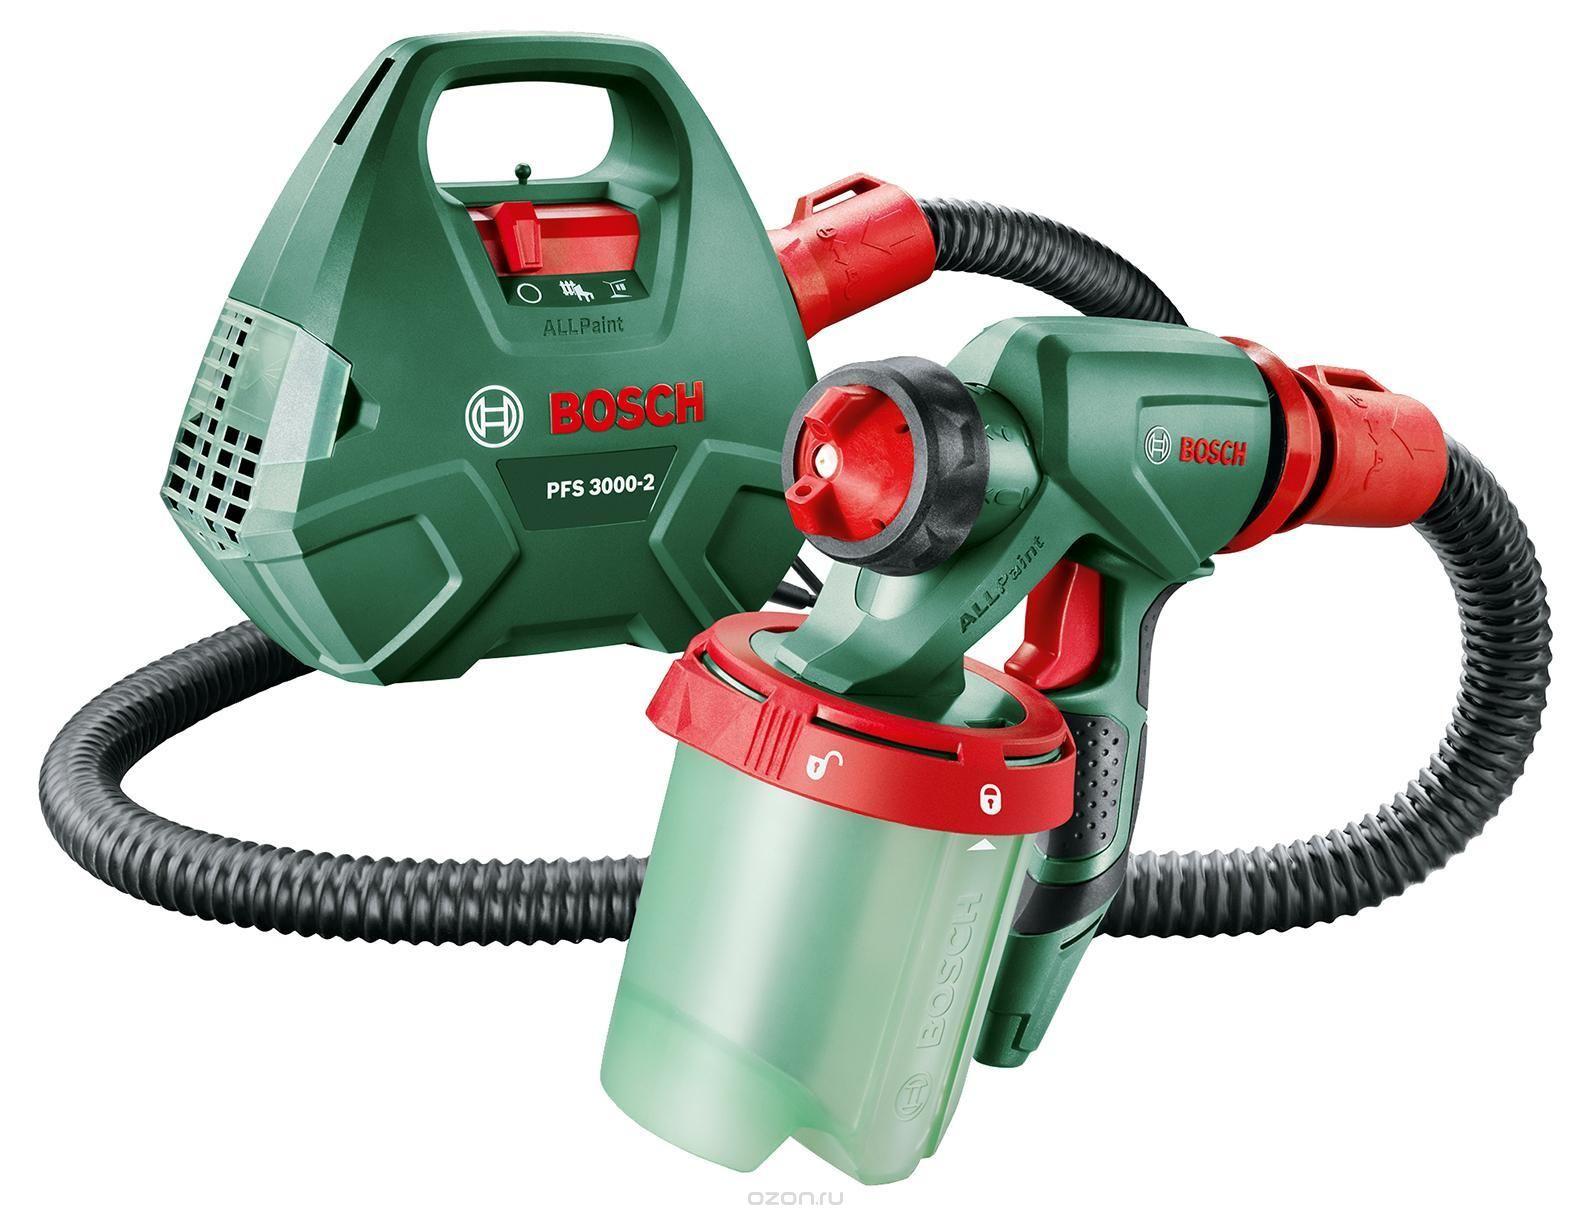 Краскопульт Bosch PFS 3000-2 bosch pfs 3000 2 0603207100